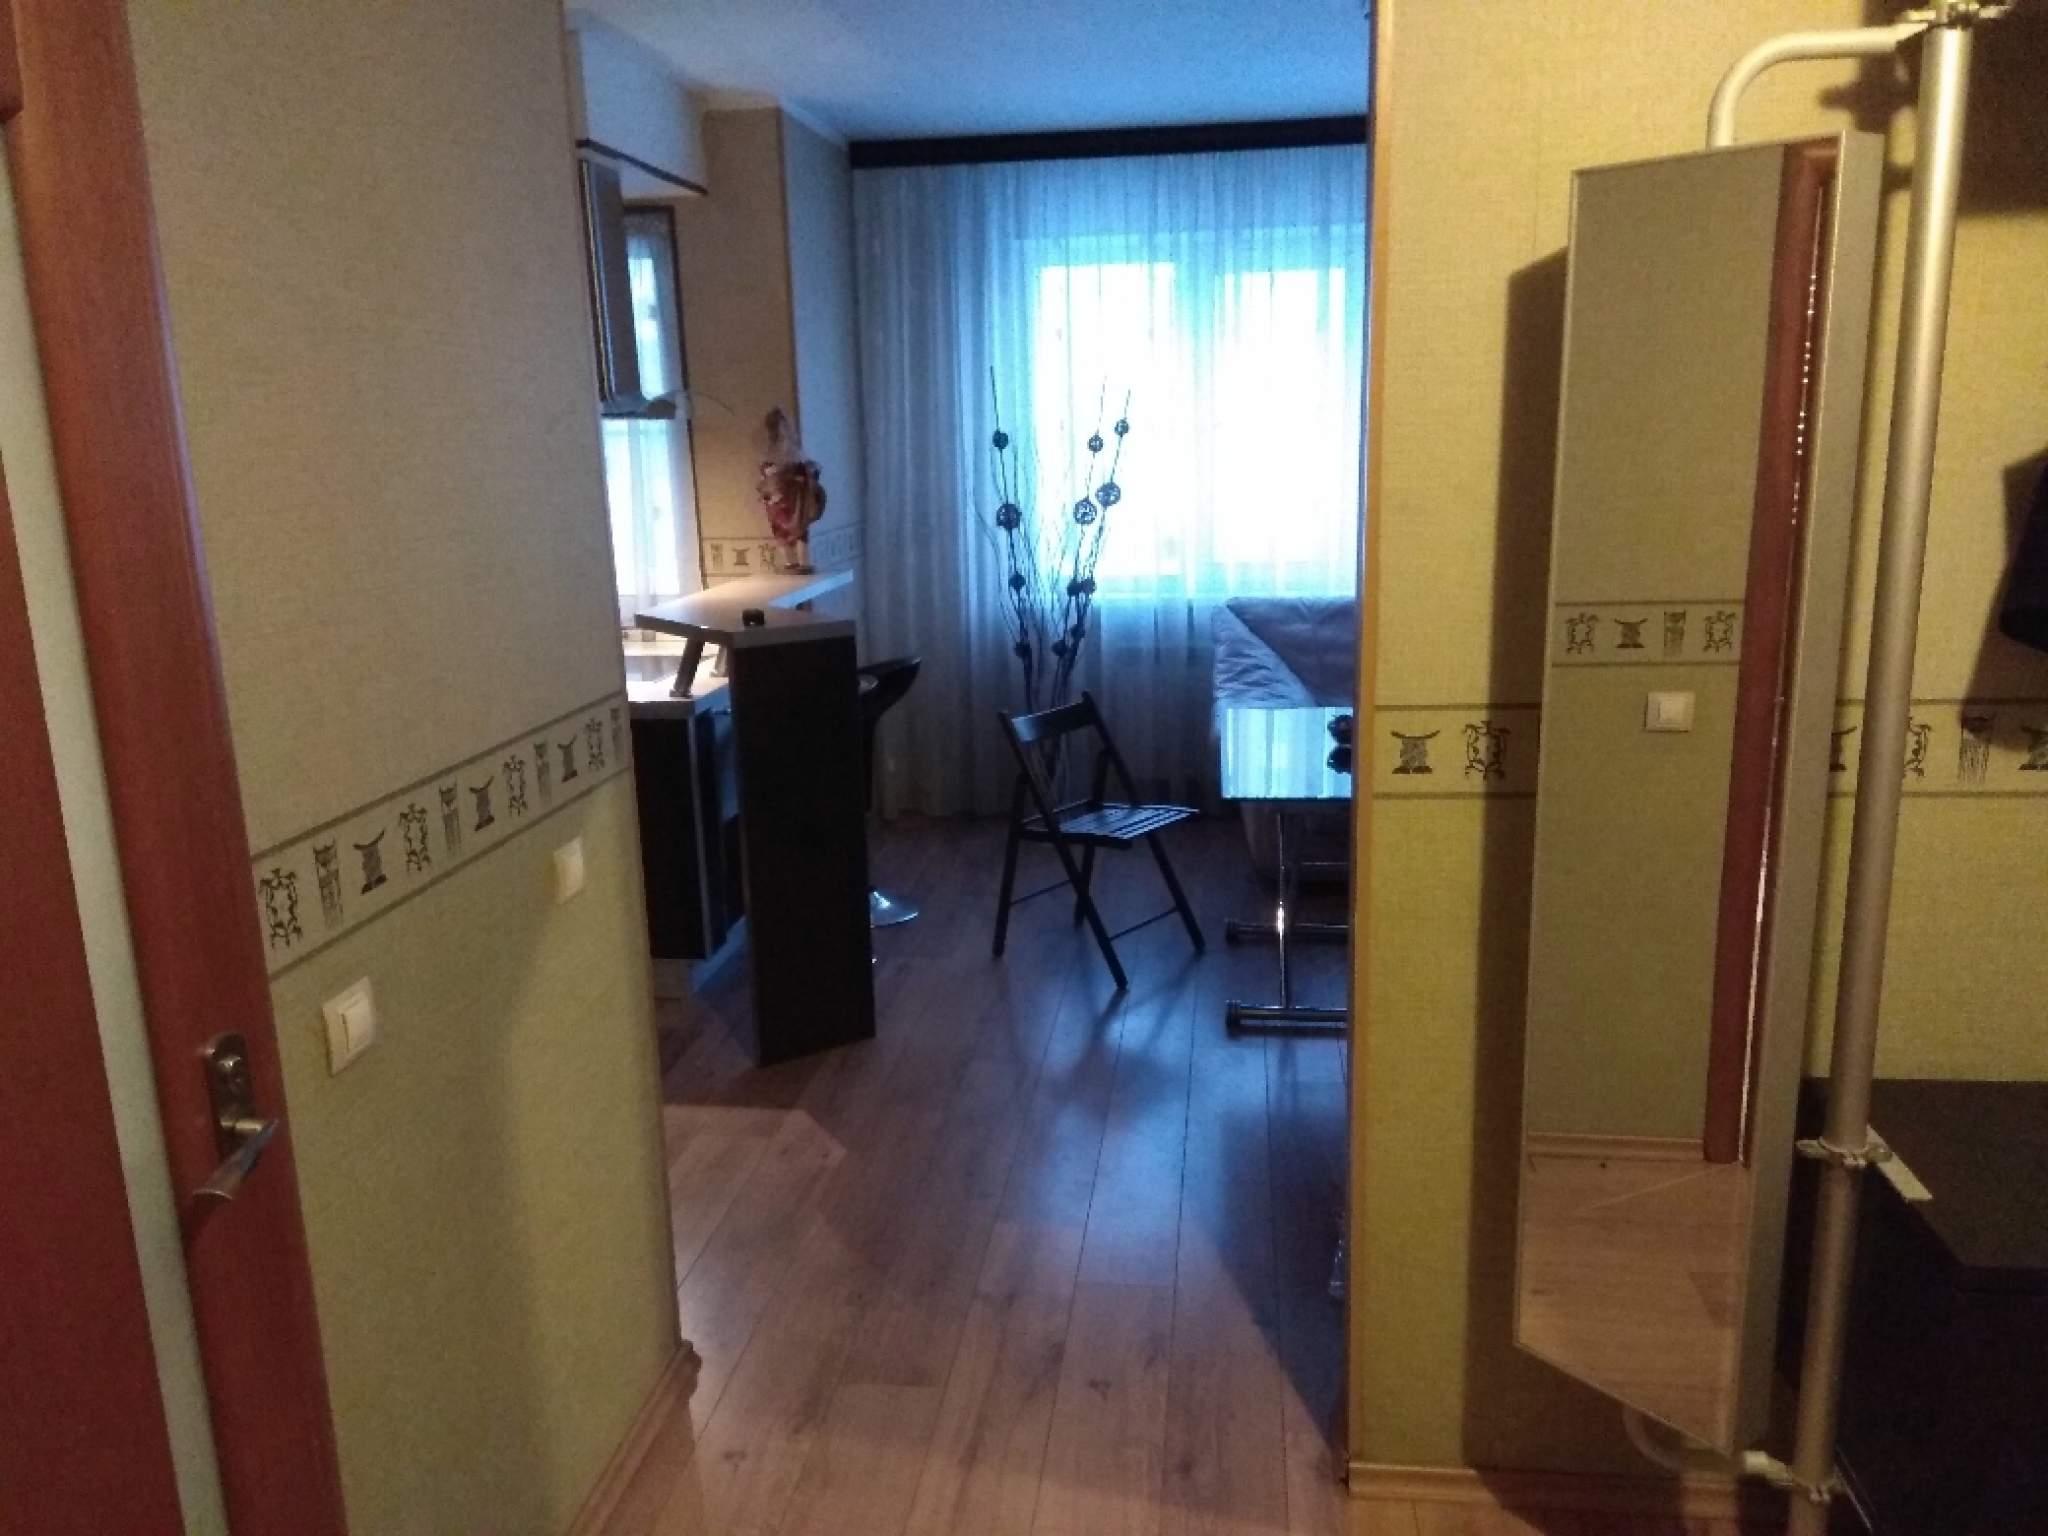 Квартира на продажу по адресу Россия, Санкт-Петербург, Санкт-Петербург, Просвещения проспект, 9